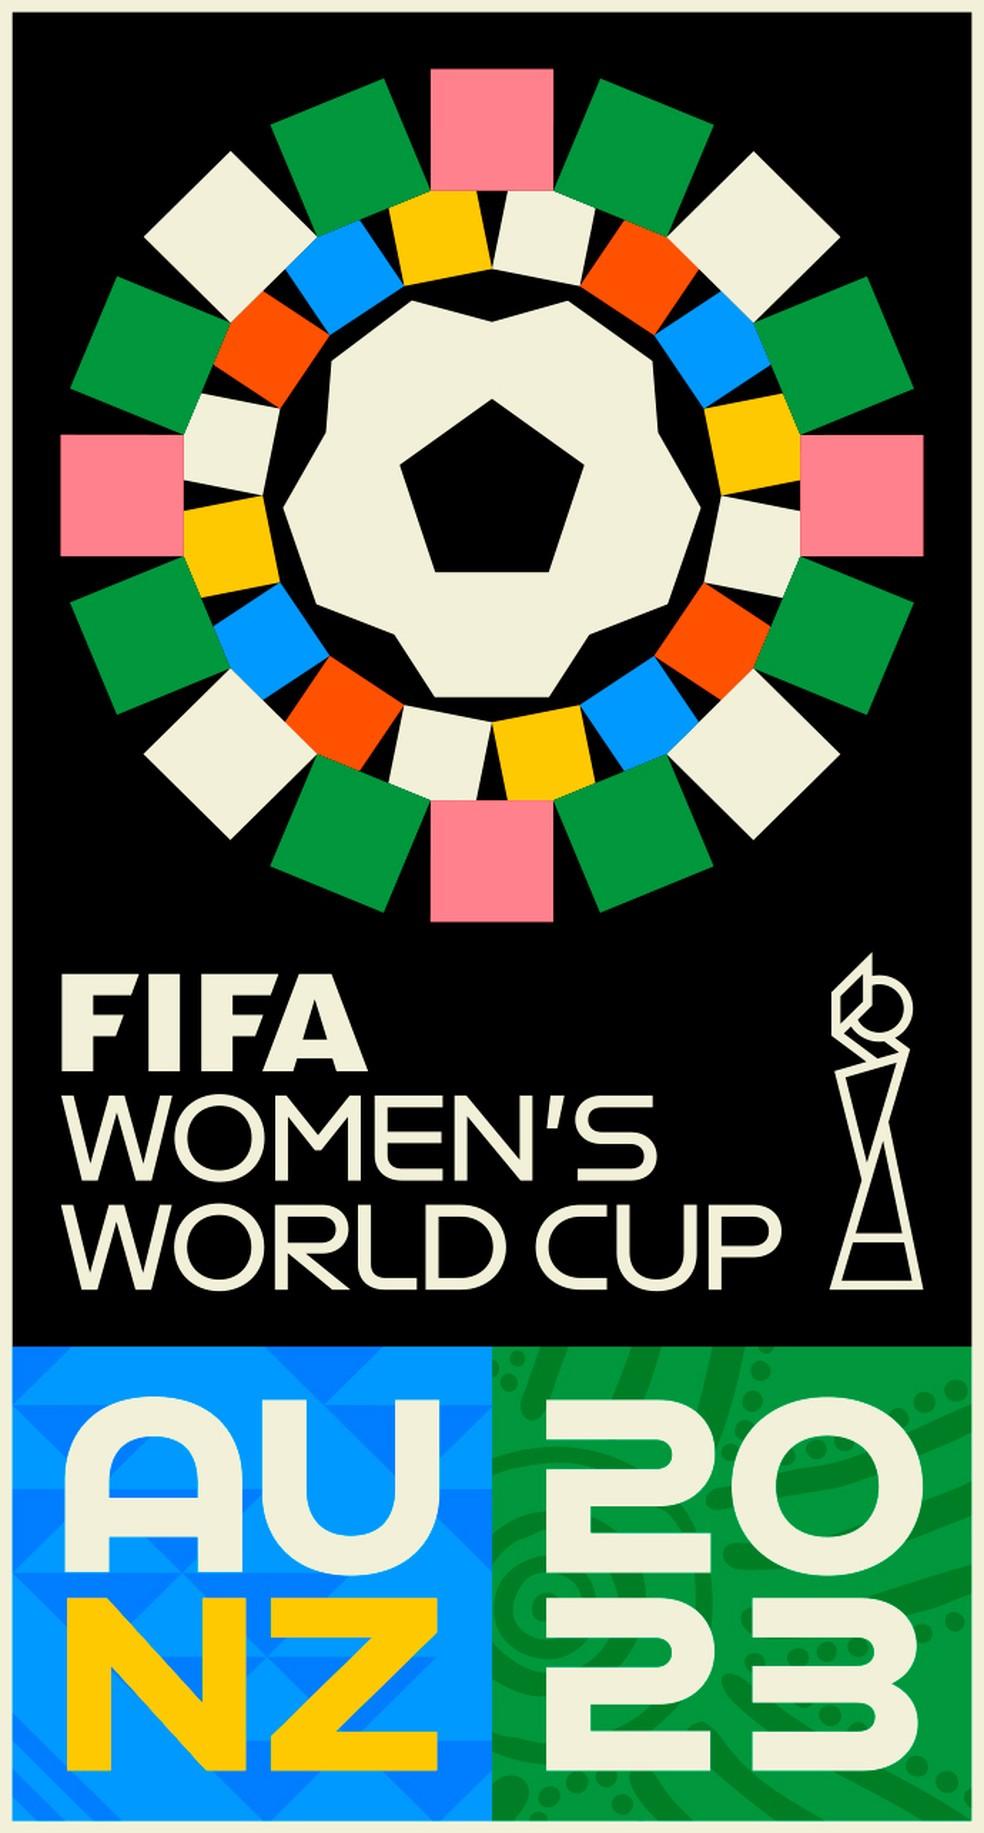 Fifa lança identidade visual da Copa do Mundo feminina de 2023